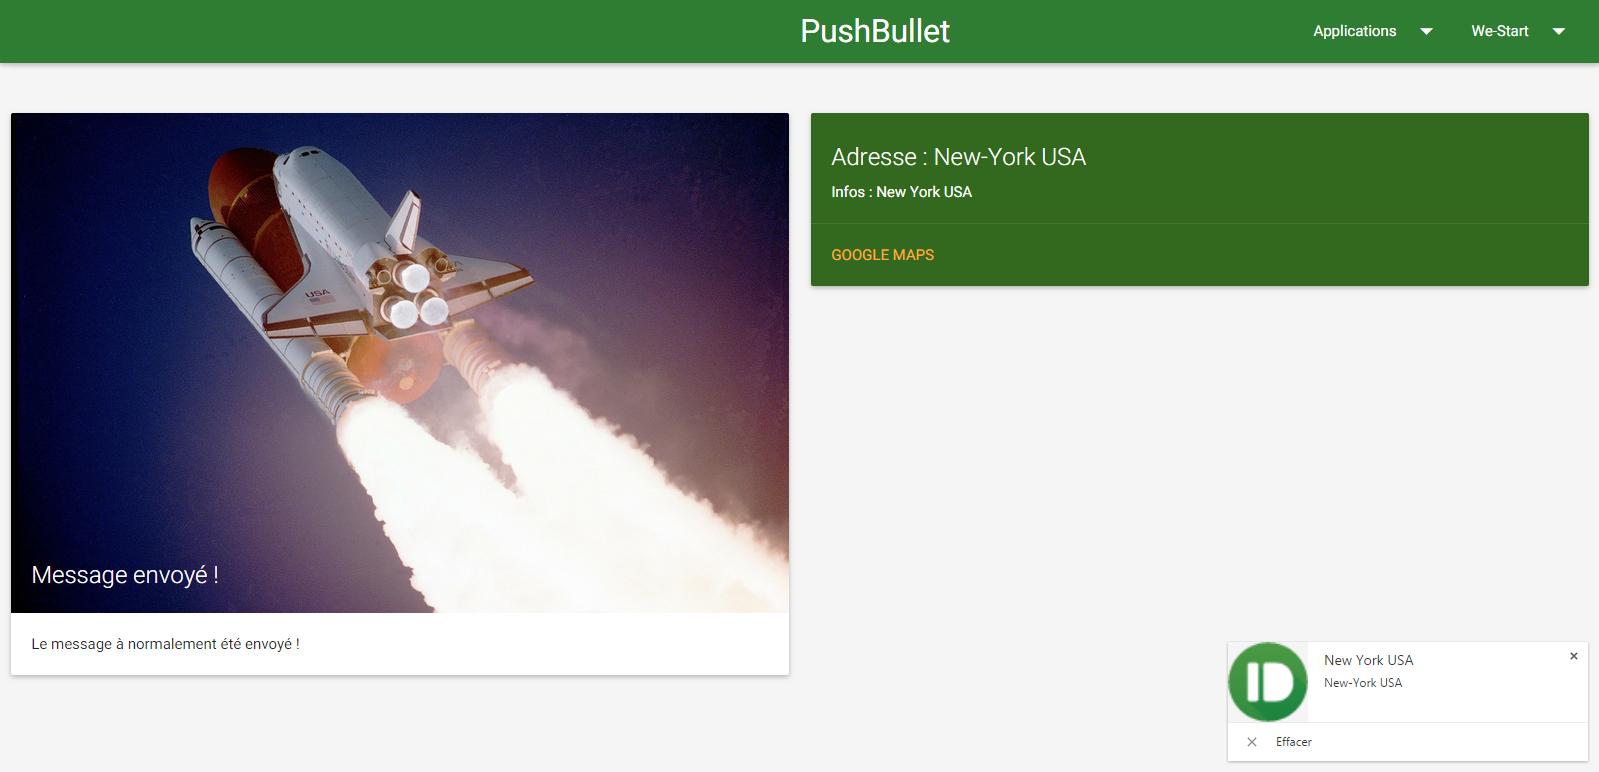 Support de pushbullet et bientôt envoi de SMS !